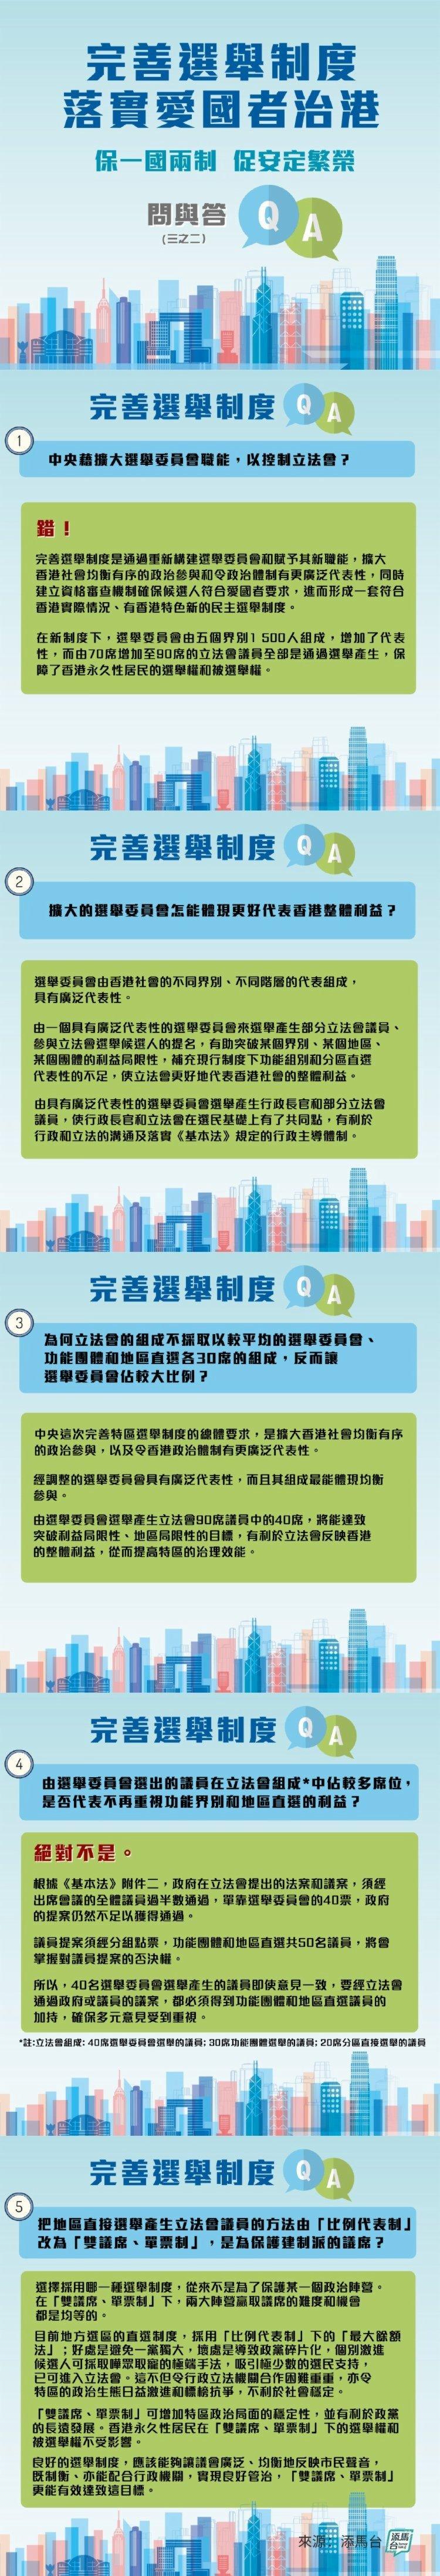 完善香港選舉制度 擴大均衡有序政治參與